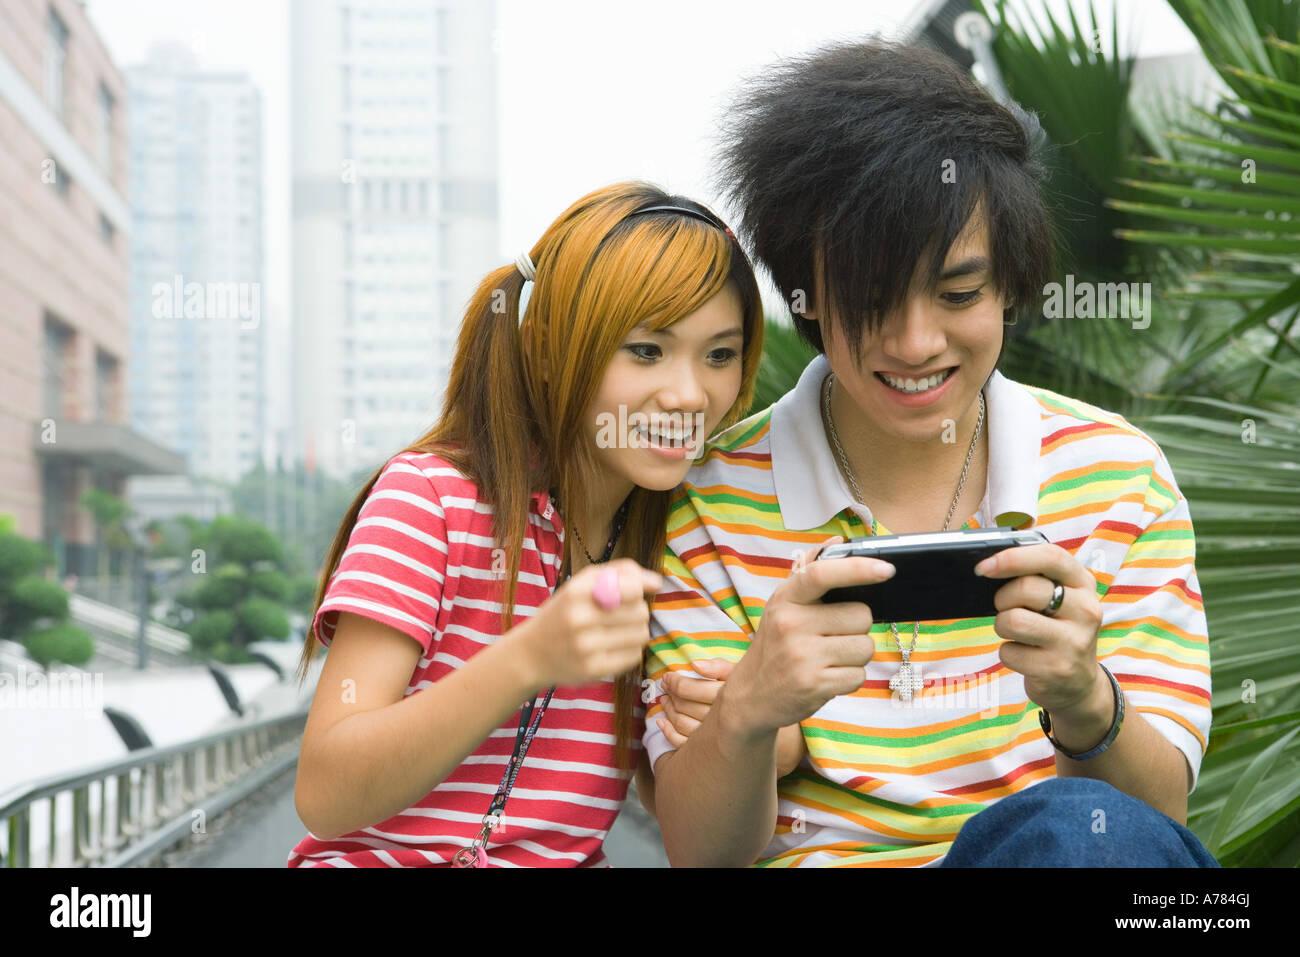 La pareja de adolescentes jugando con videojuegos, bolsillo exterior Imagen De Stock